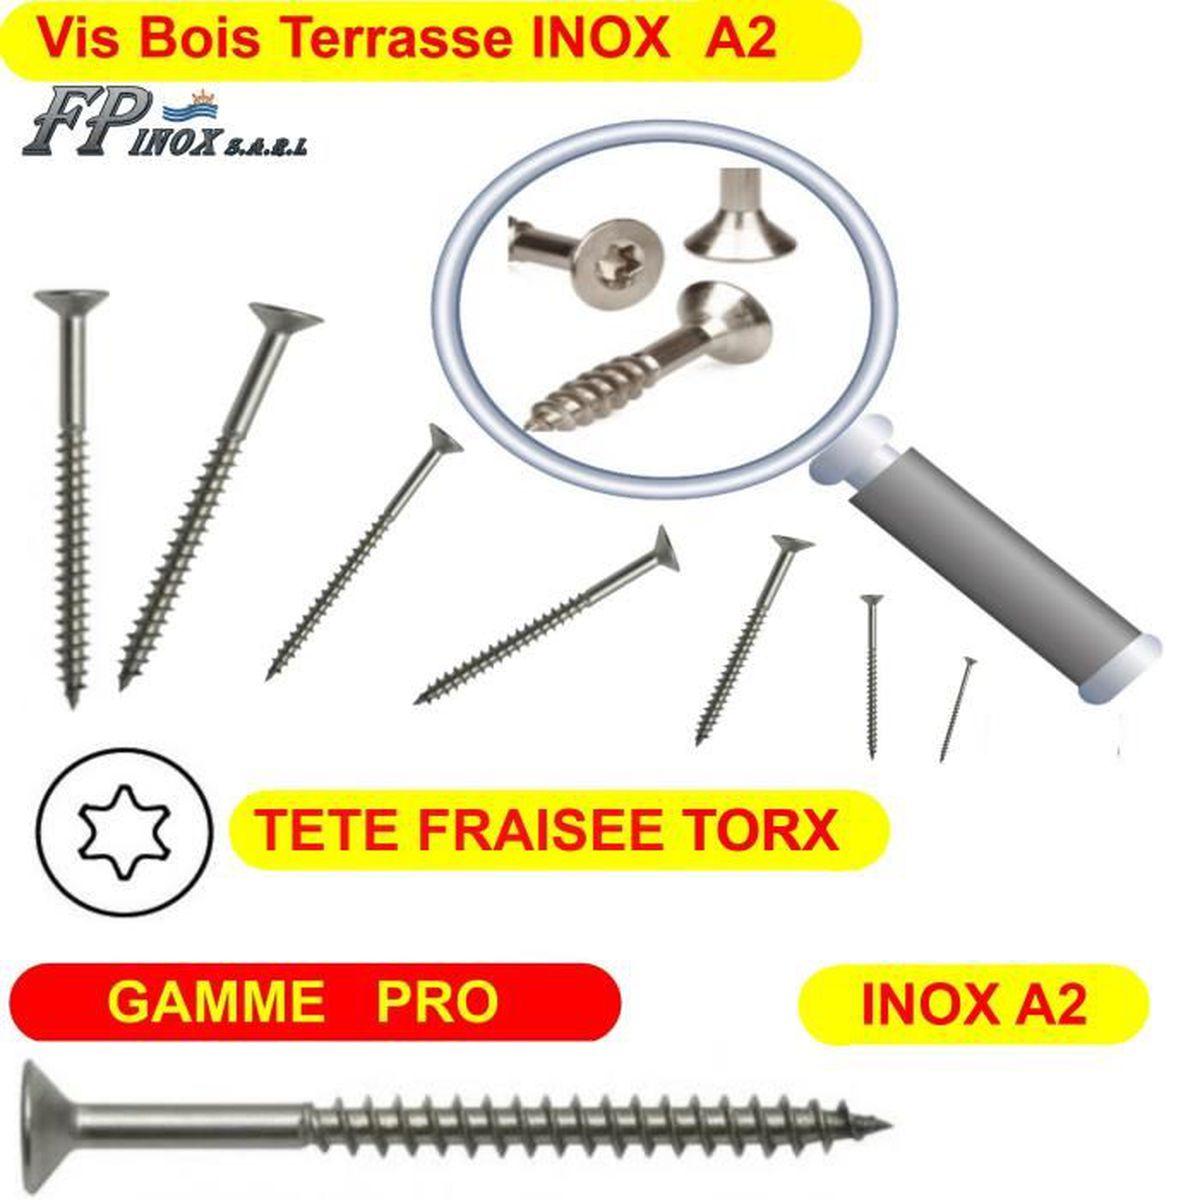 TORX 4.0 x 35 mm TX20 Vis /à bois t/ête frais/ée pour terrasse ou panneaux Lot de 500